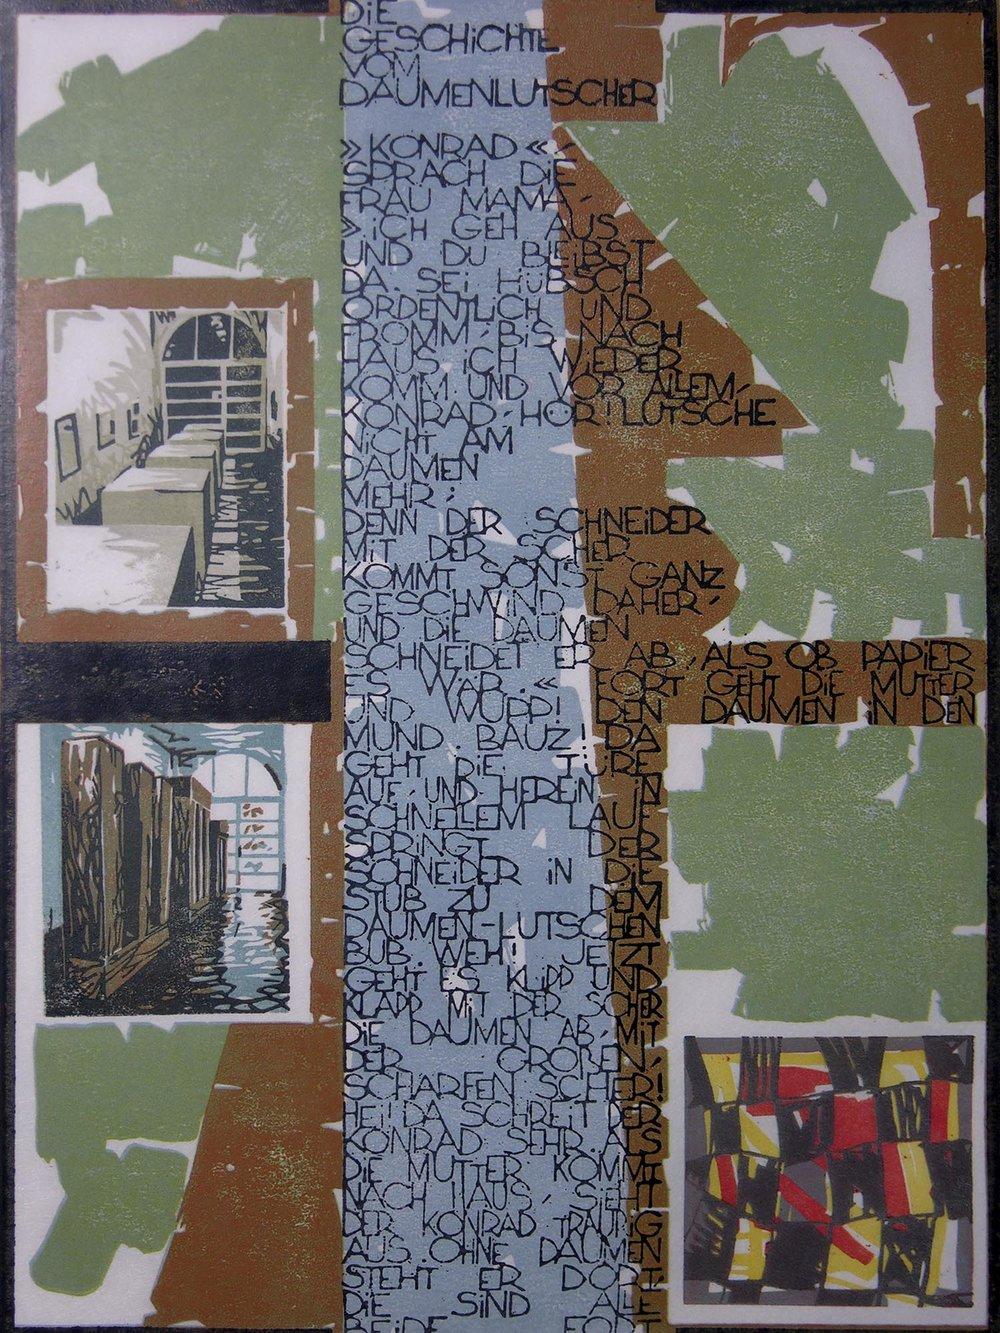 Die Geschichte vom Daumenlutscher | 1994 | farbiger Linolschnitt auf Papier | 50 x 35 cm